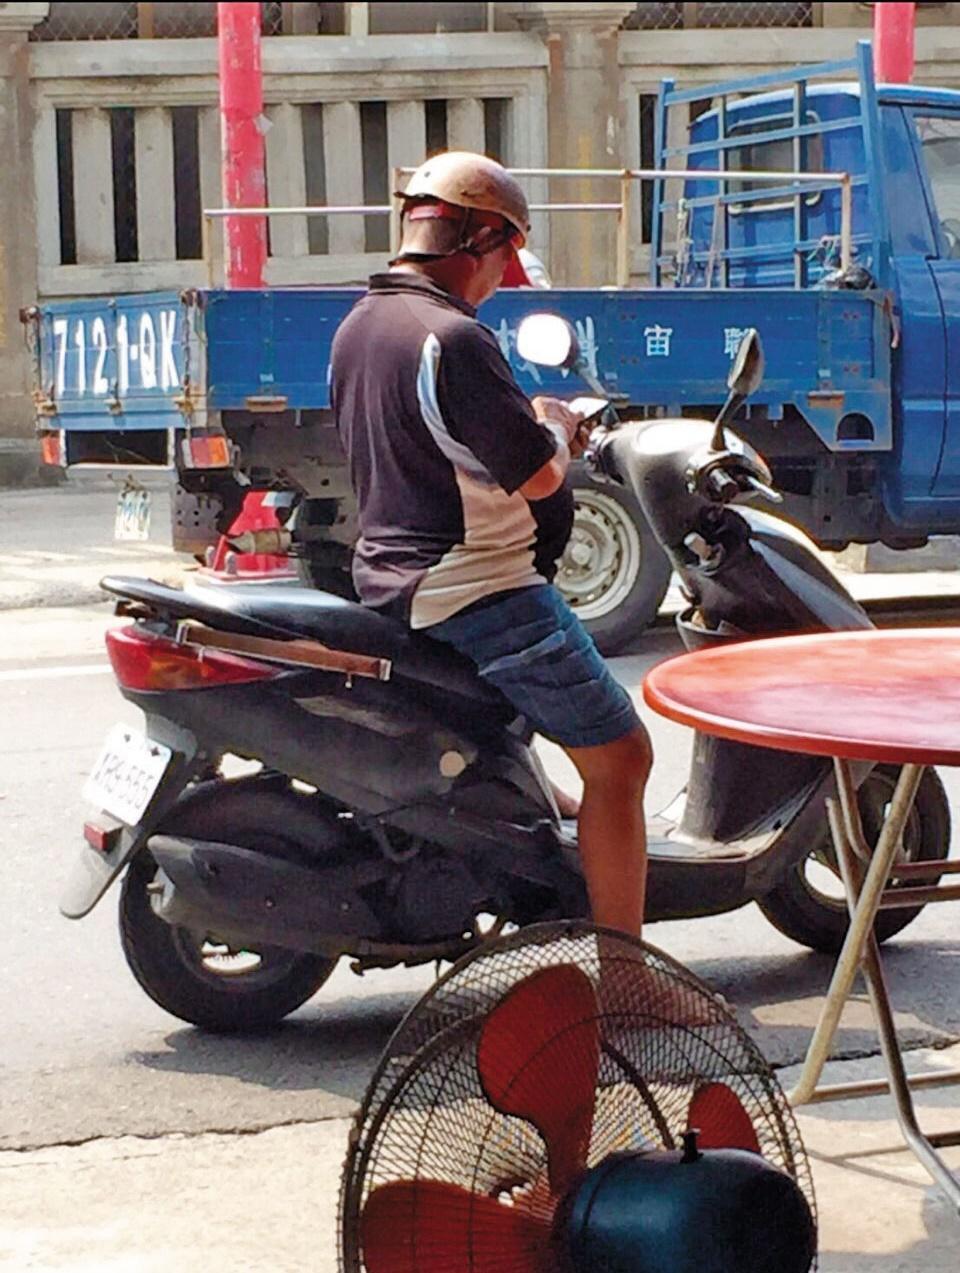 陳清敏在路邊騎機車抓寶的畫面,成為許多北港人的記憶。(陳信宏提供))